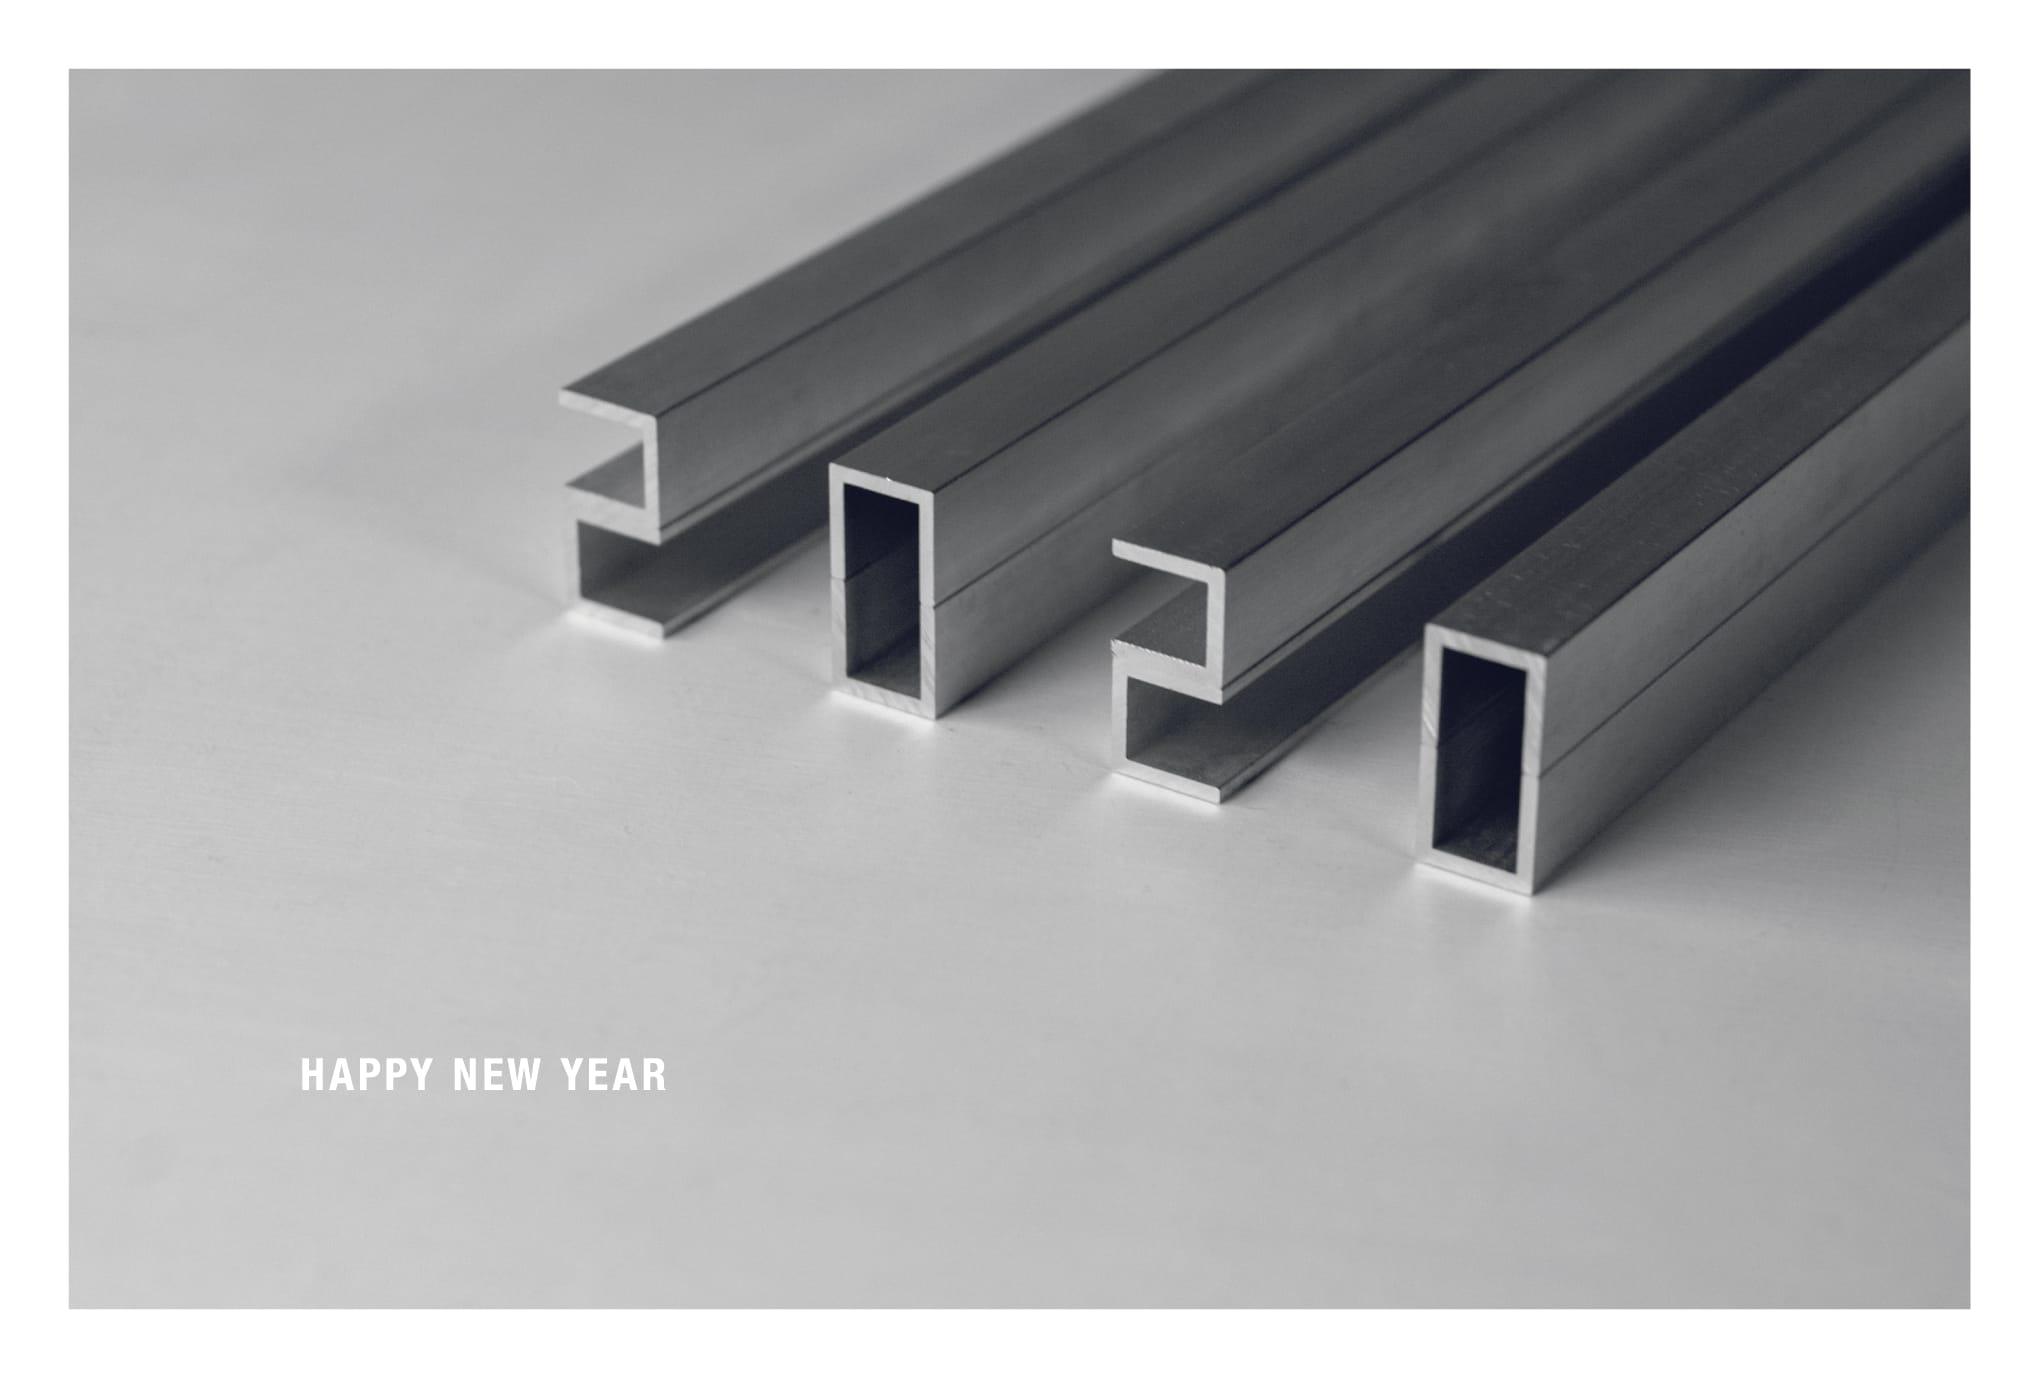 2020年賀状06-2:Alumi-new-m 2020 / 横のダウンロード画像